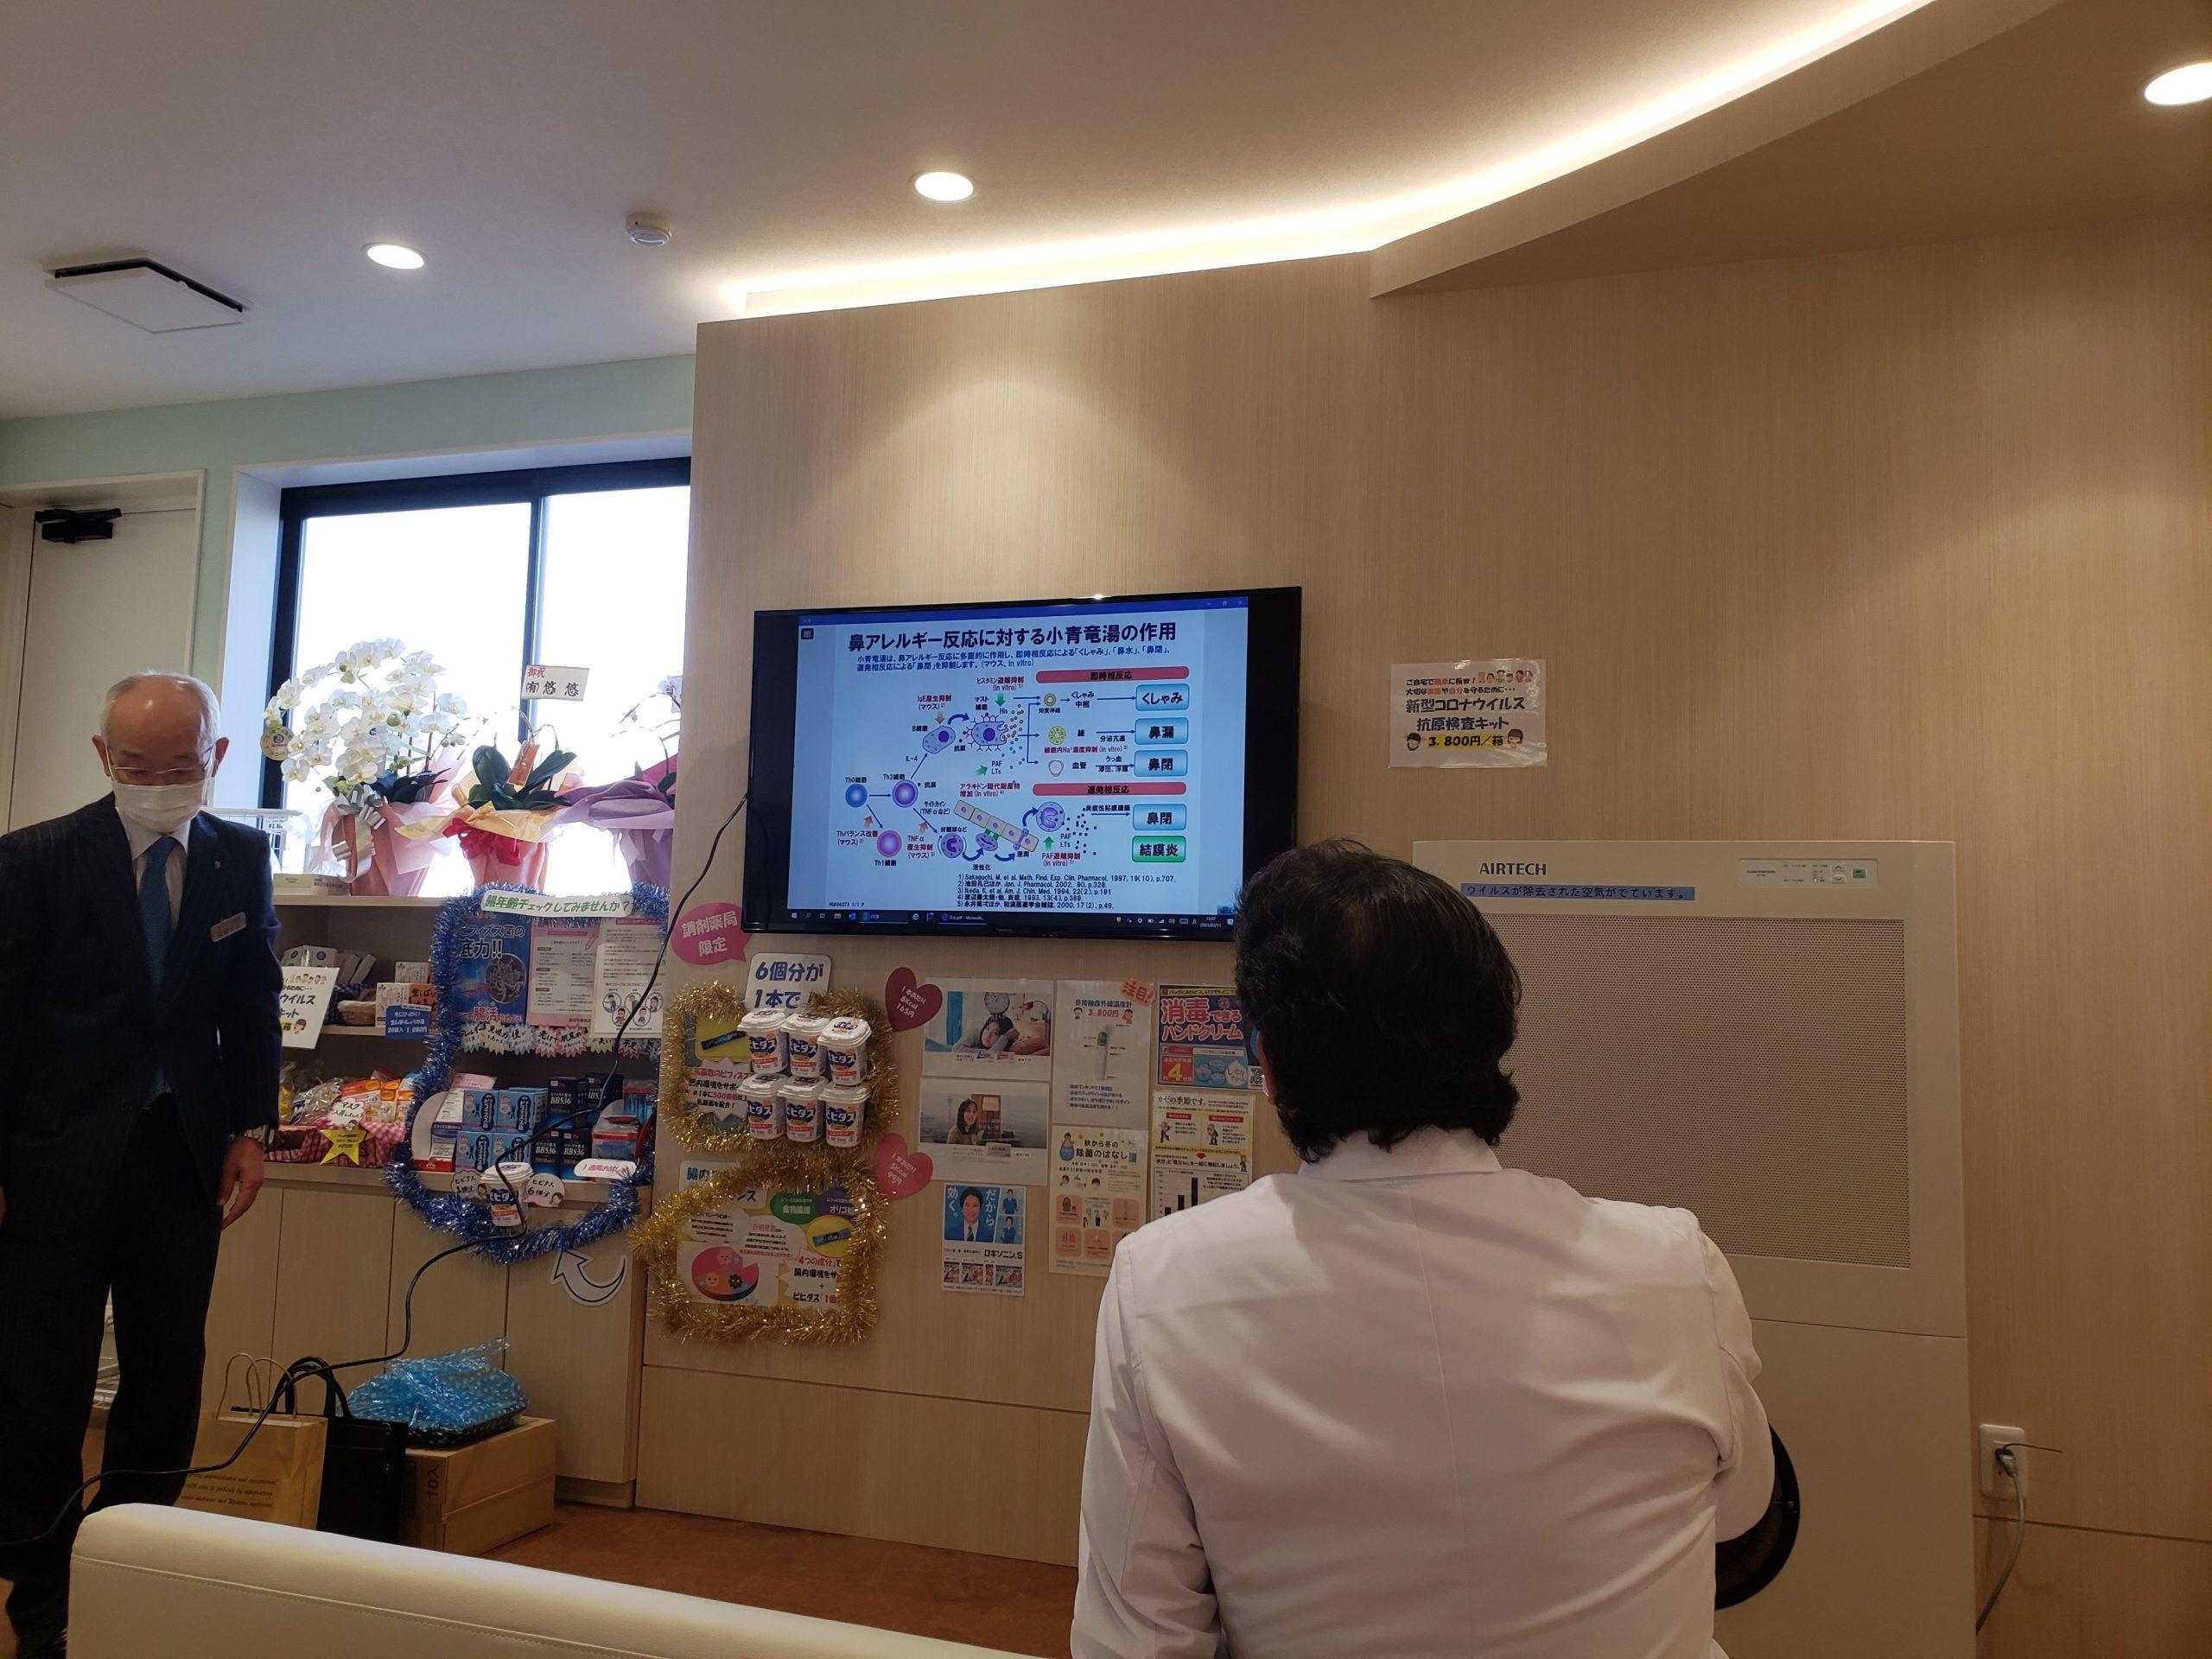 株式会社ツムラさんの勉強会に参加しました。